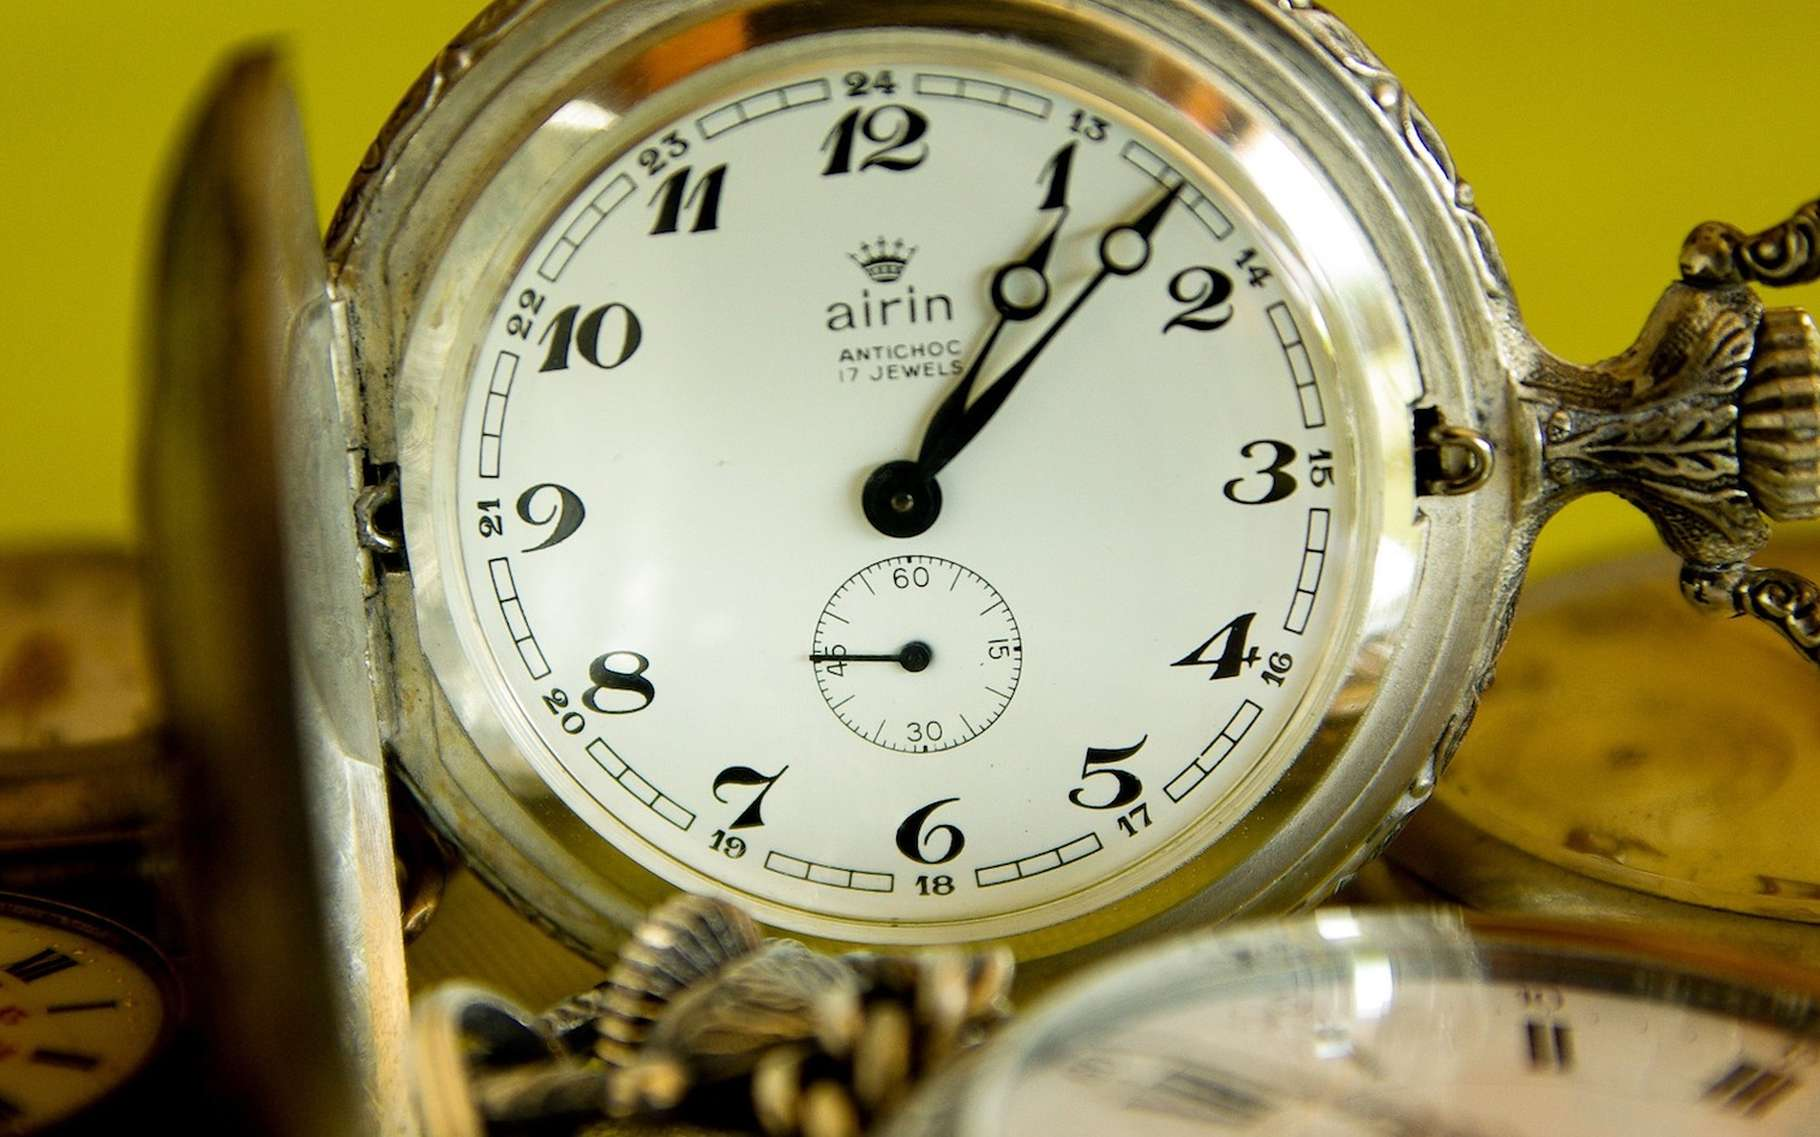 Depuis toujours, les aiguilles de nos montres tournent dans un sens, adopté par convention, qui est hérité du parcours du Soleil dans le ciel de l'hémisphère nord. © jackmac34, Pixabay, DP